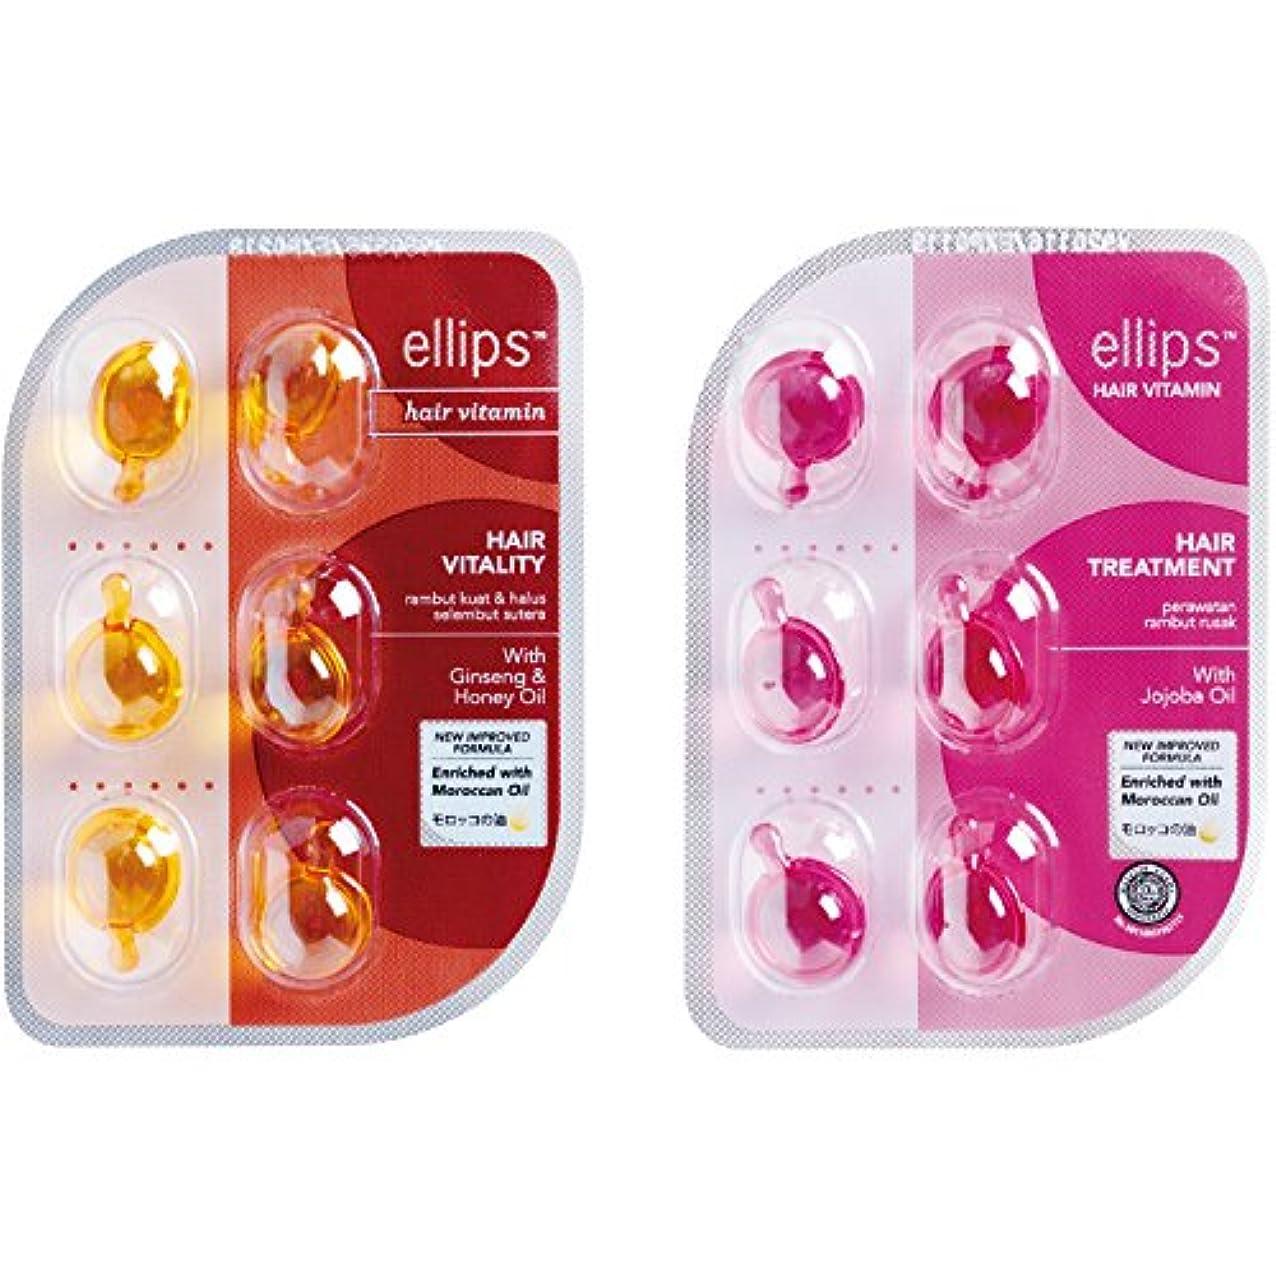 測定可能おびえた意気込み[ym] エリップス Ellips ヘアビタミン 6粒入り シートタイプ 洗い流さない トリートメント (2シート(12粒), ダメージヘア用セット)